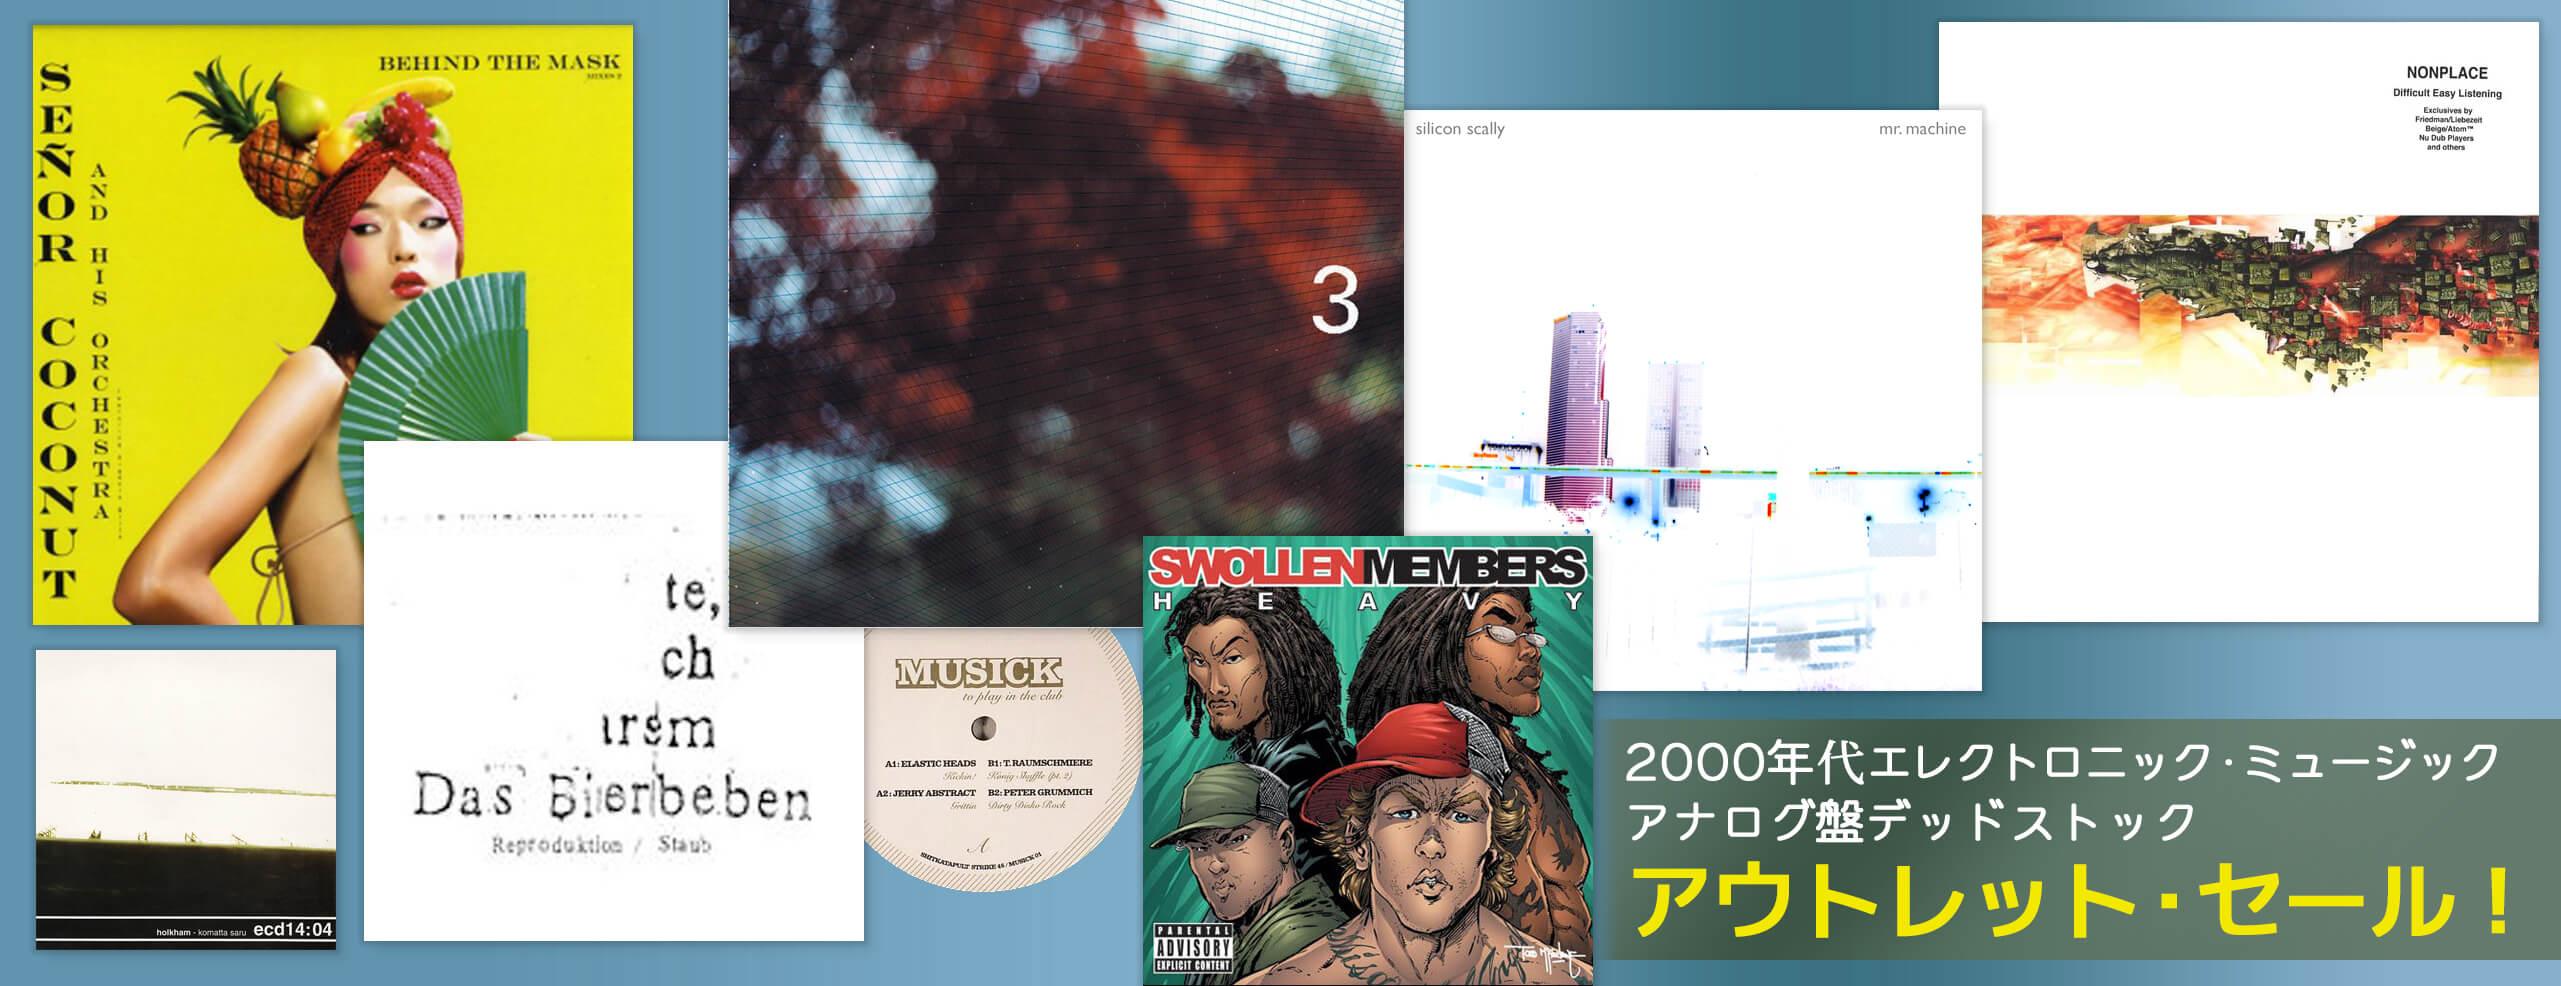 【7/14〜8/25】アナログ盤デッドストックアウトレット・セール